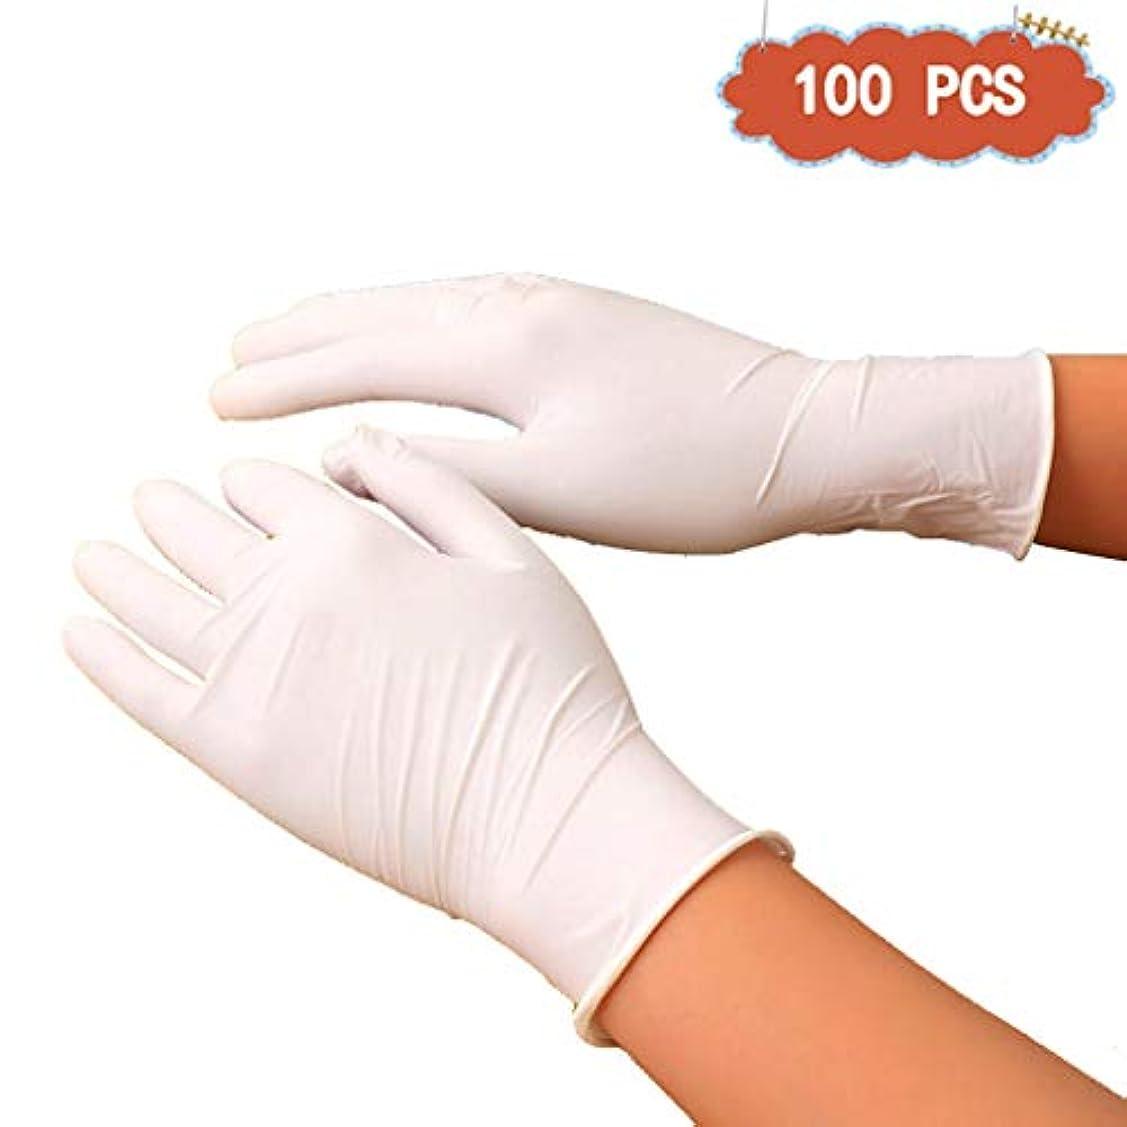 ヒロイック暗殺者ハンバーガーニトリルホームクリーニングと酸とアルカリ使い捨て手袋ペットケアネイルアート検査保護実験、美容院ラテックスフリー、パウダーフリー、両手利き、100個 (Color : White, Size : M)